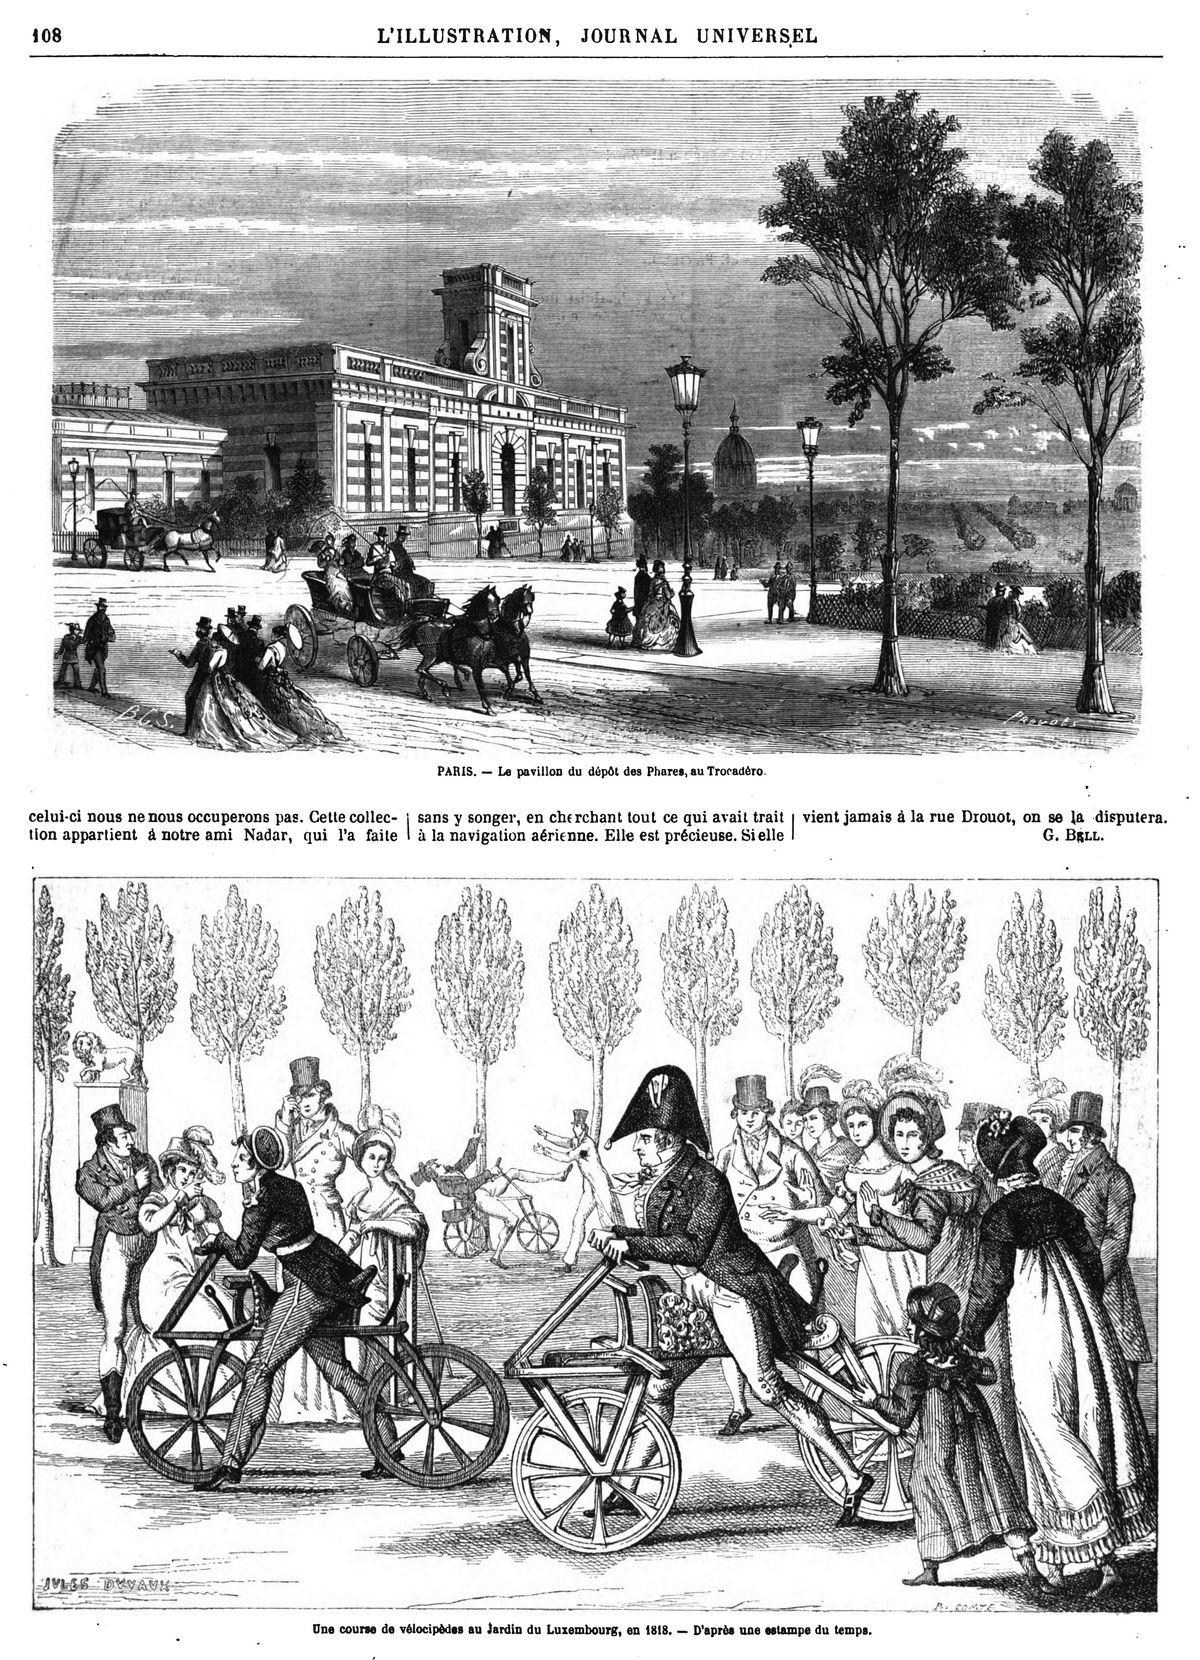 PARIS. — Le pavillon du dépôt des Phares, au Trocadéro.